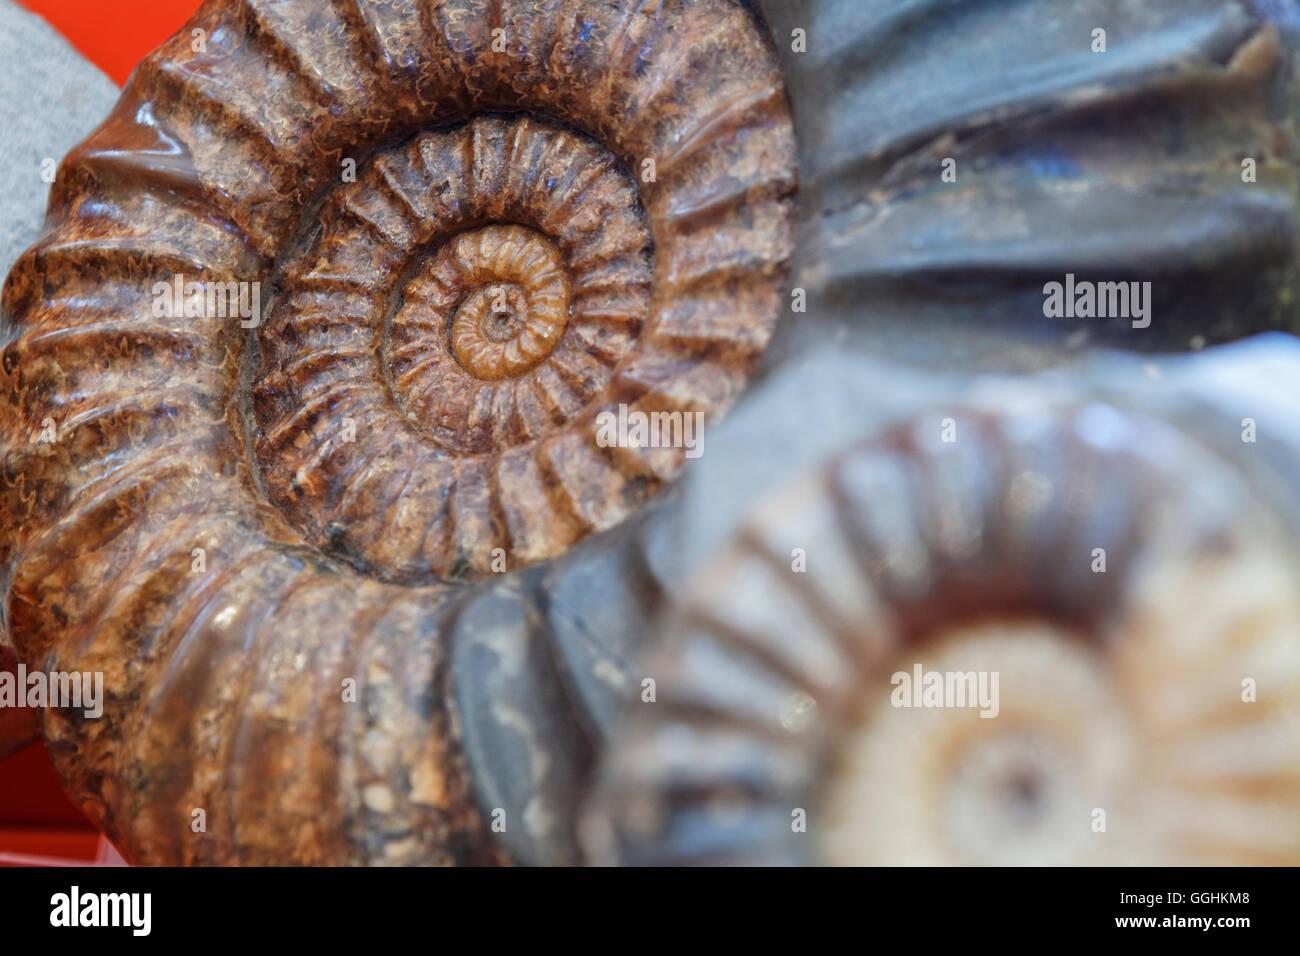 Musée des fossiles à Lyme Regis, dans le Dorset, Angleterre, Grande-Bretagne Photo Stock